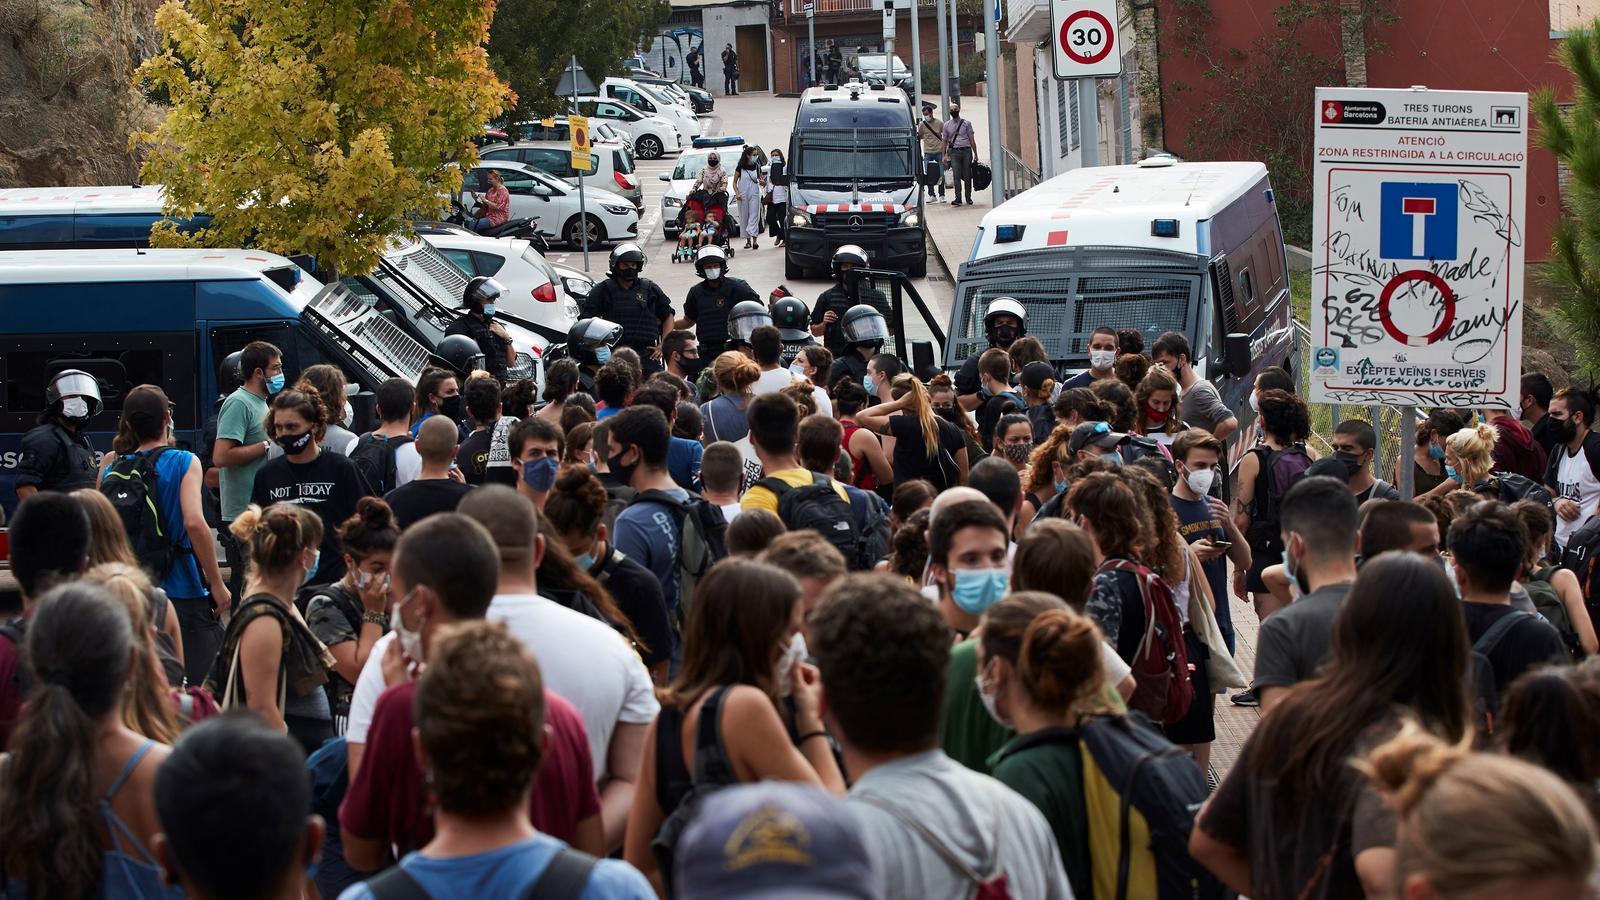 Desenes de persones s'han concentrat aquest matí al voltant del dispositiu policial